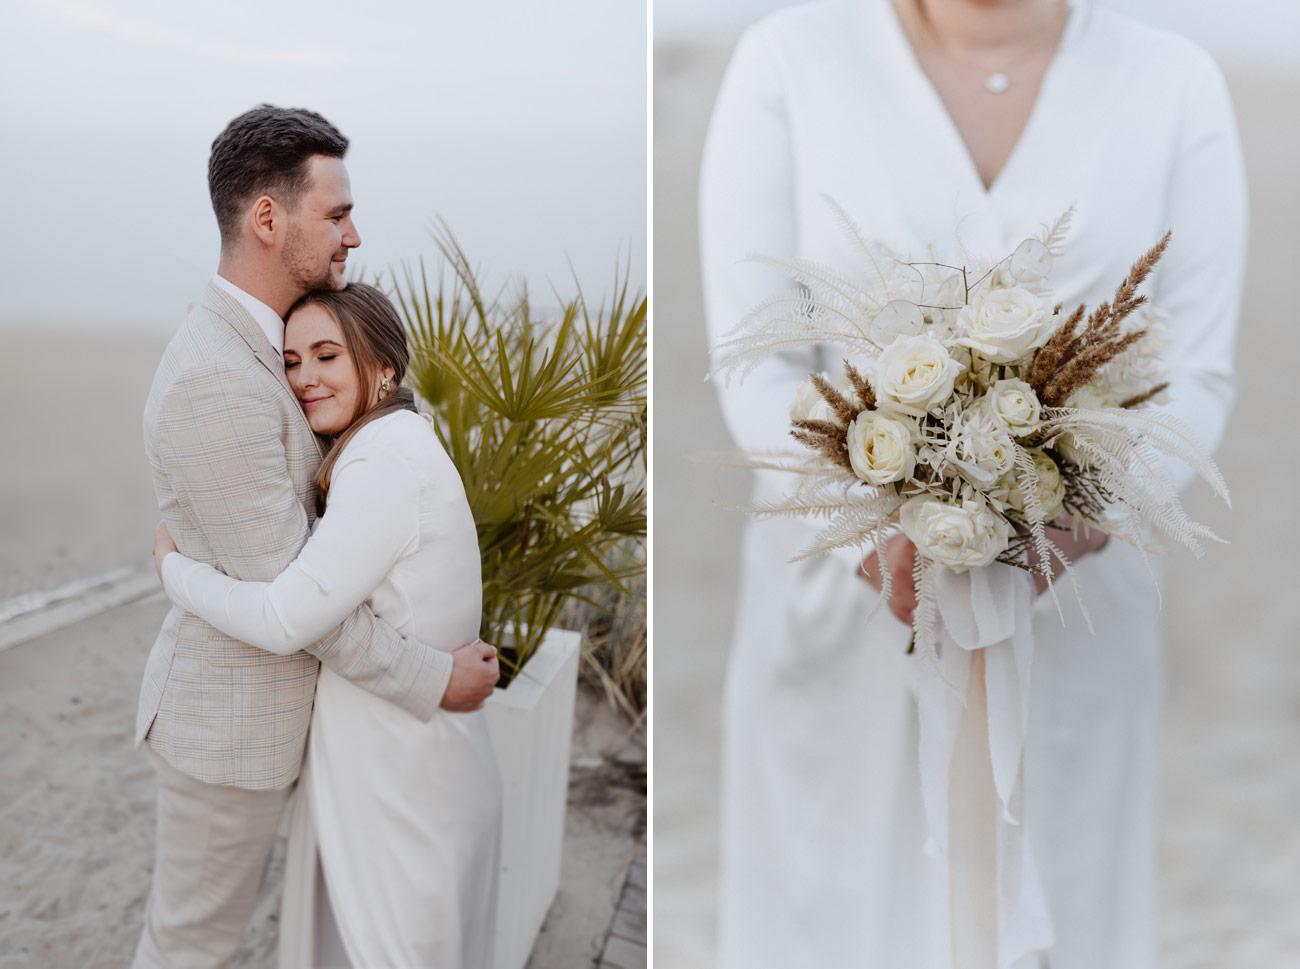 Minimalistyczny ślub na plaży | White Marlin A+K 81 279 alebosco ceremonia na plazy ak white marlin